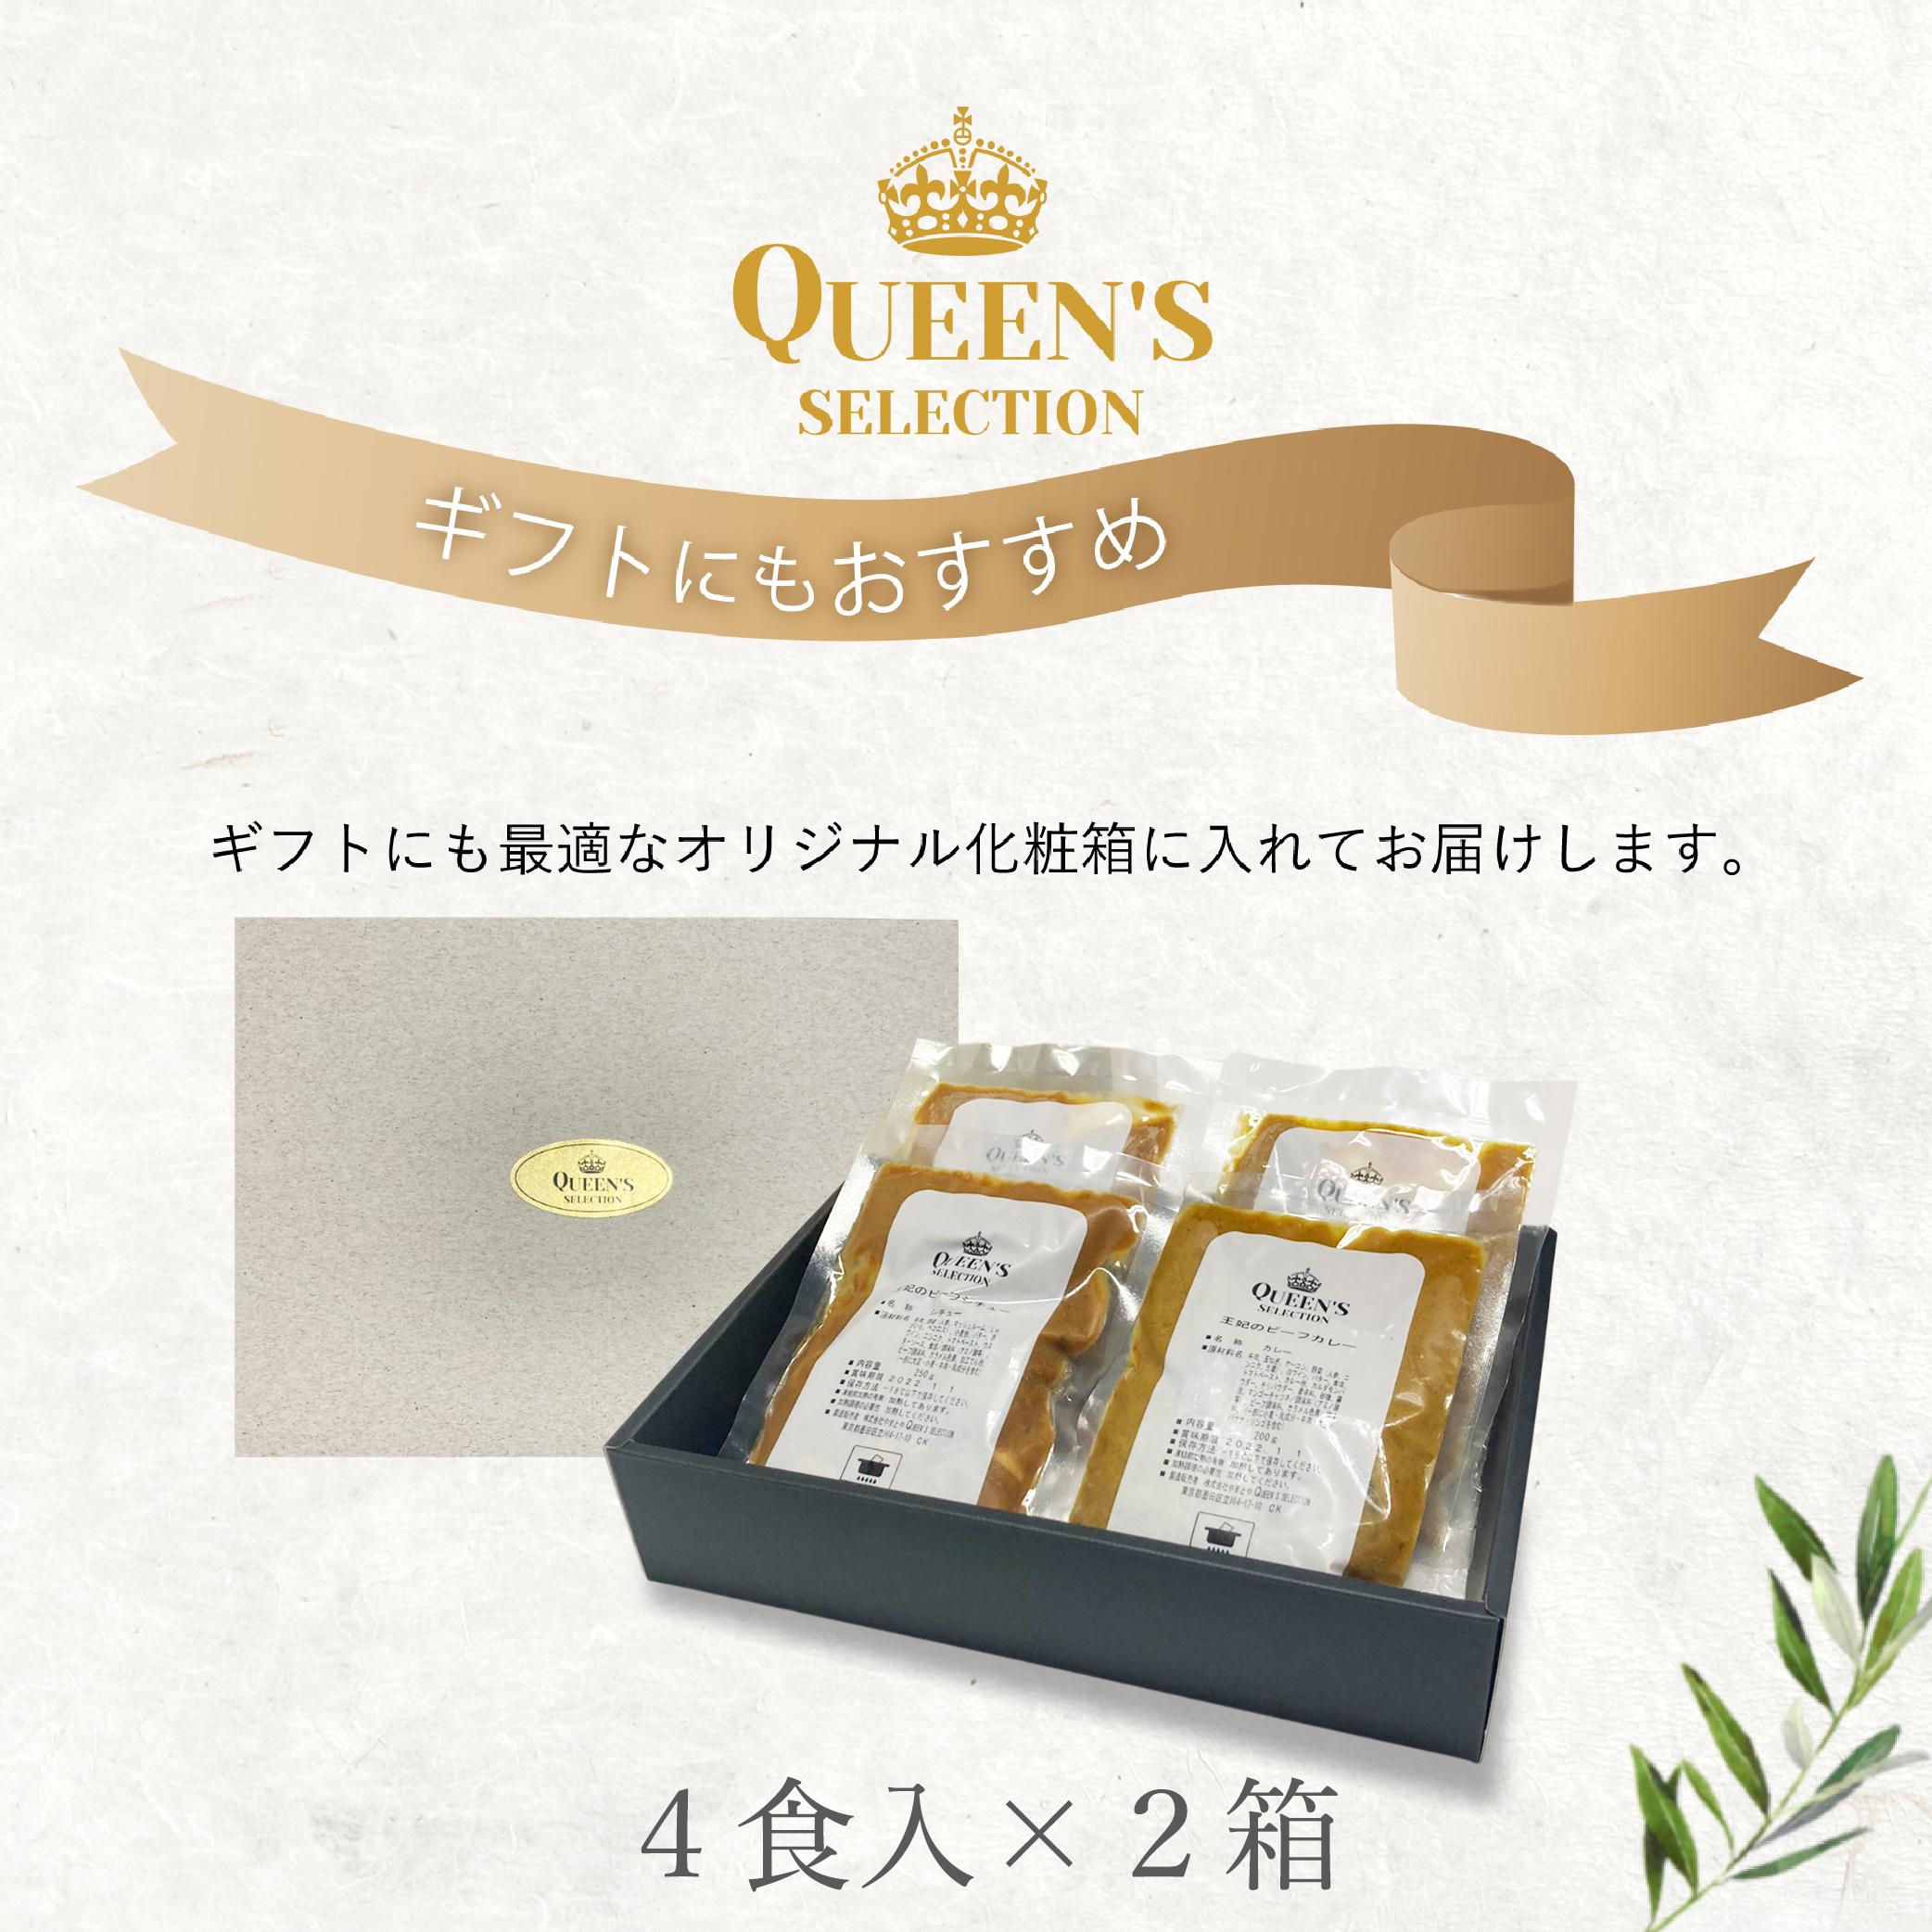 選べる!王妃のスパイシービーフカレー&ビーフシチュー【8食入】 | 敬老の日 お歳暮ギフト プレゼント 誕生日 お取り寄せ